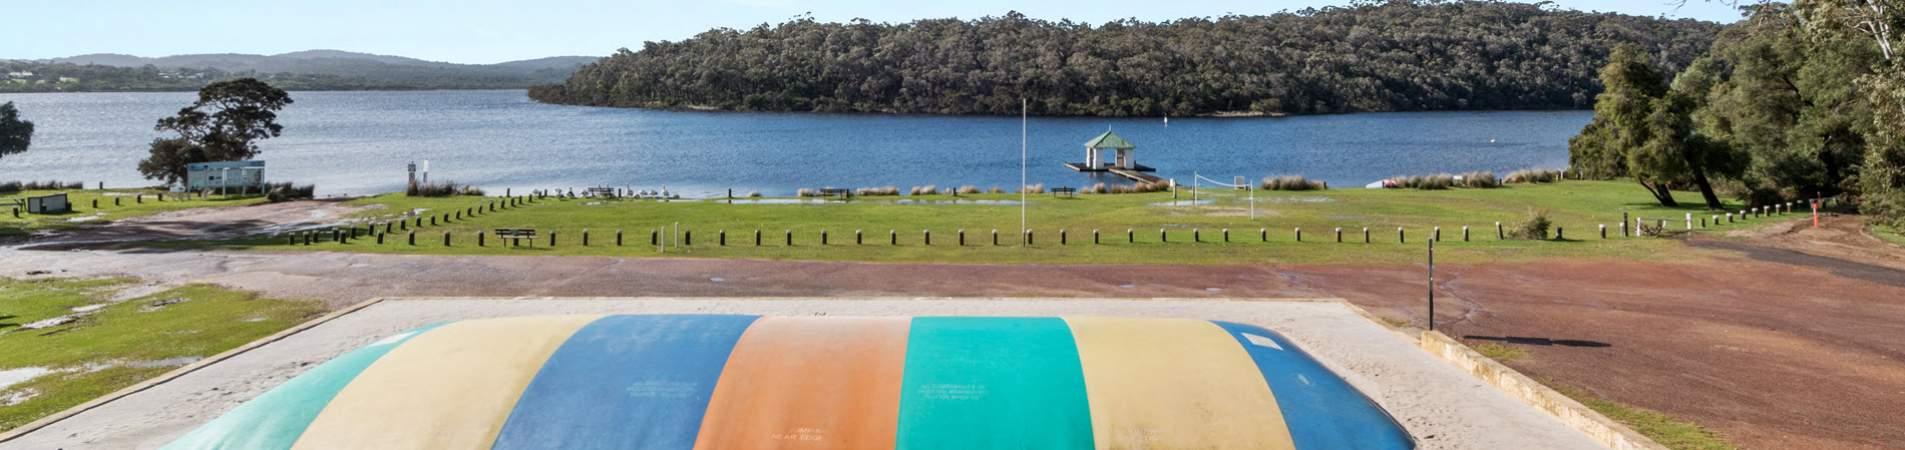 walpole rest point caravan park facilities - banner 3